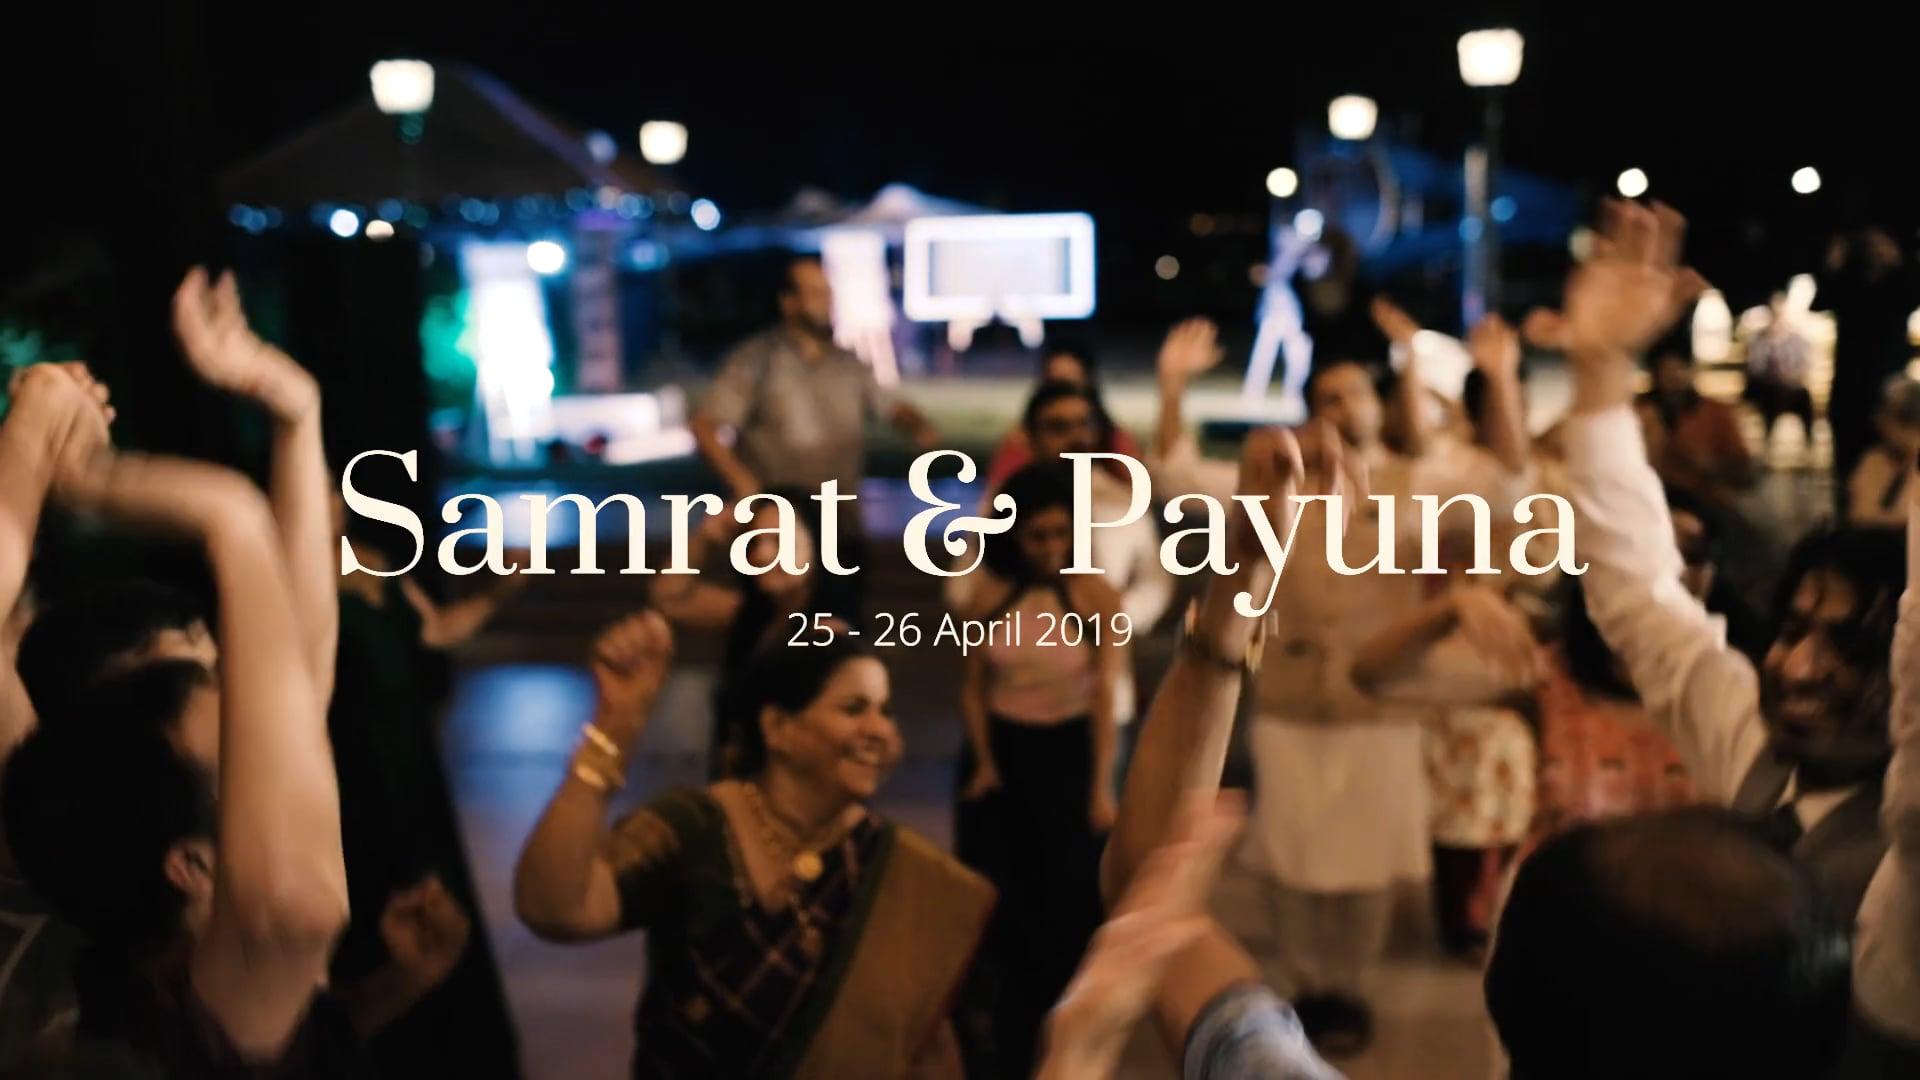 Samrat & Payuna